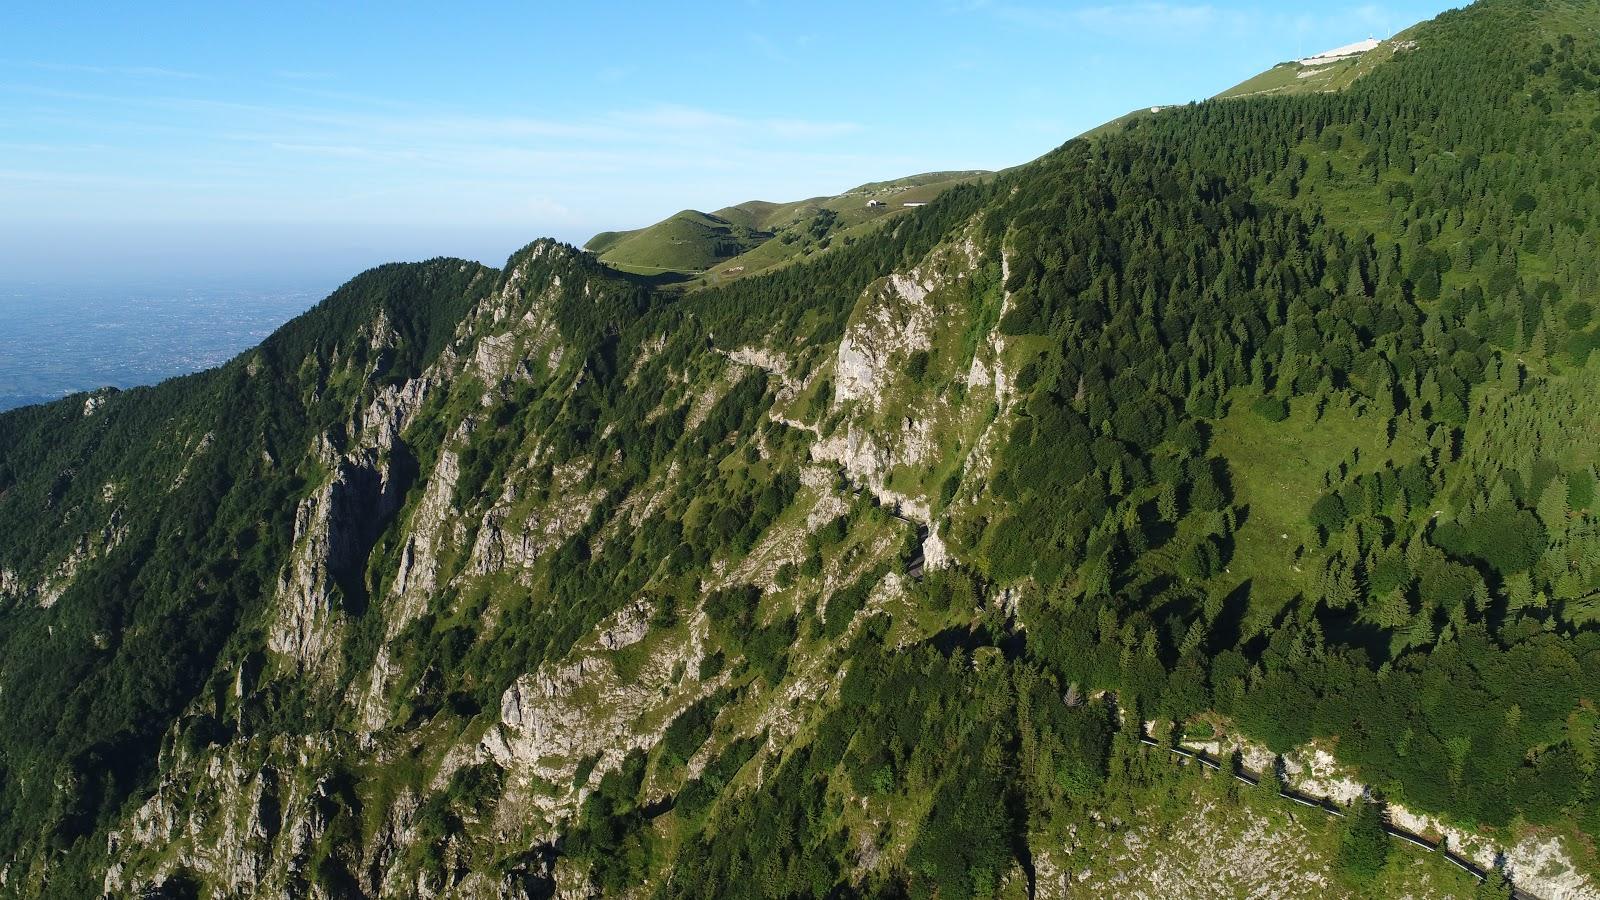 Biking Monte Grappa - Cavaso del Tomba - Aerial Drone photo of tunnel, road, cliff